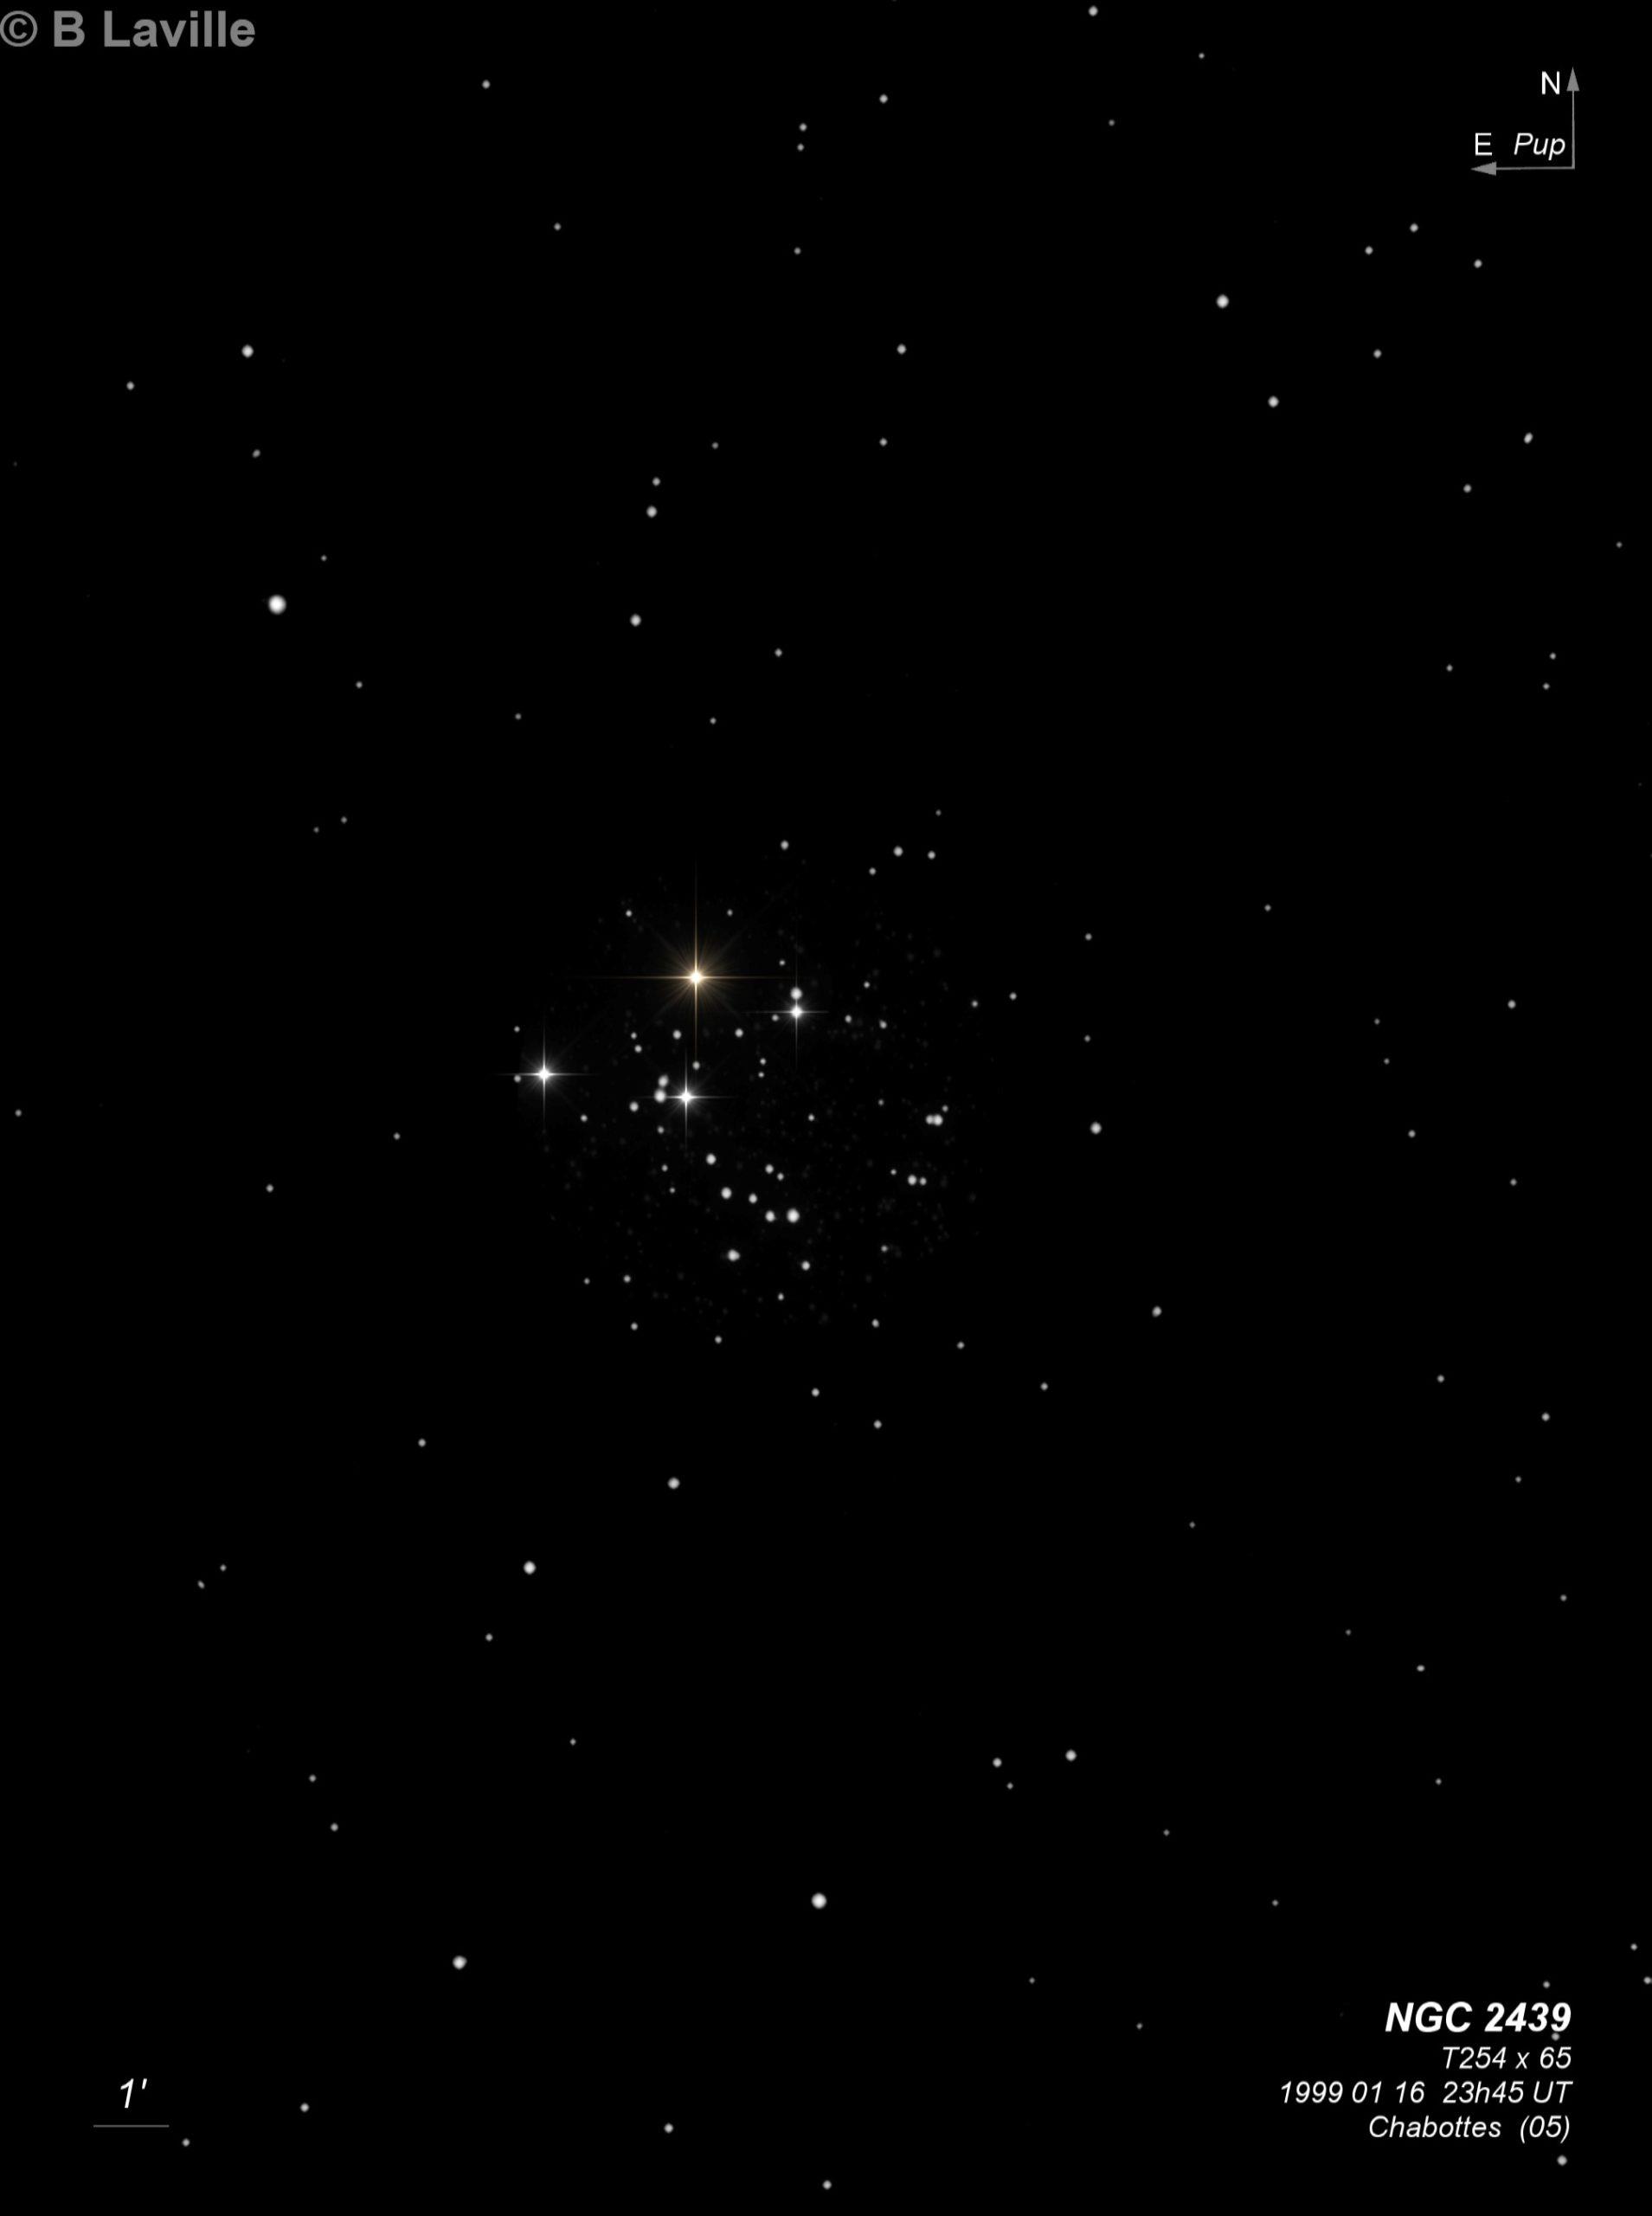 NGC 2439